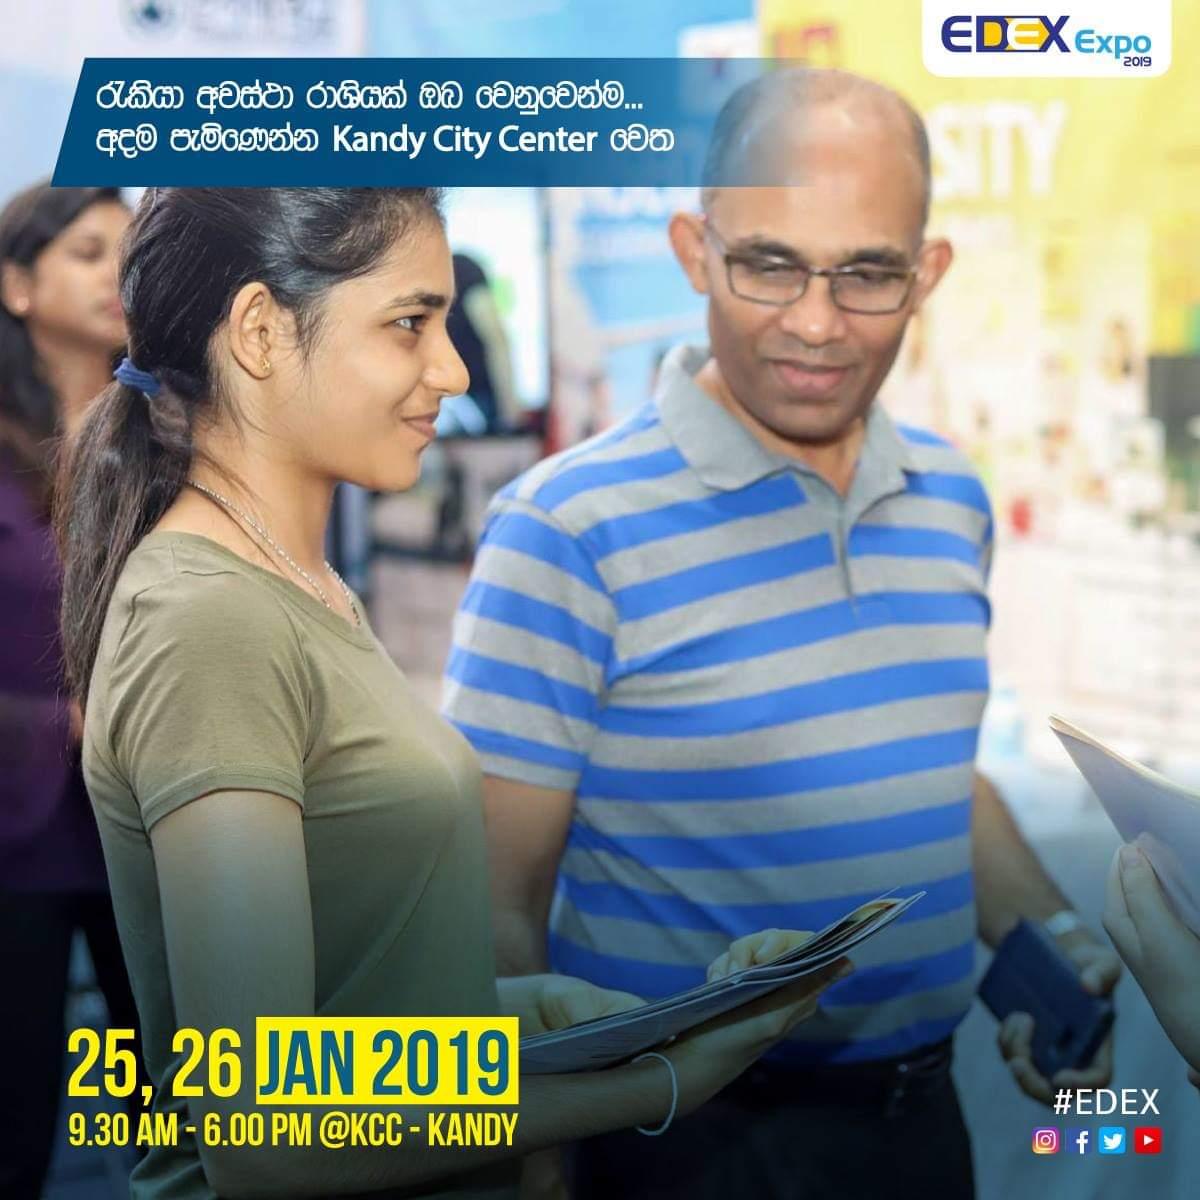 පැමිණෙන්න අදම EDEX Expo 2019 - Kandy වෙත රැකියා අවස්ථා සහ උසස්  අධ්යාපන අවස්ථා සහ ශිෂ්යත්ව ඔබ වෙනුවෙන්ම  #EDEX #EE2019 #Kandy #KCC